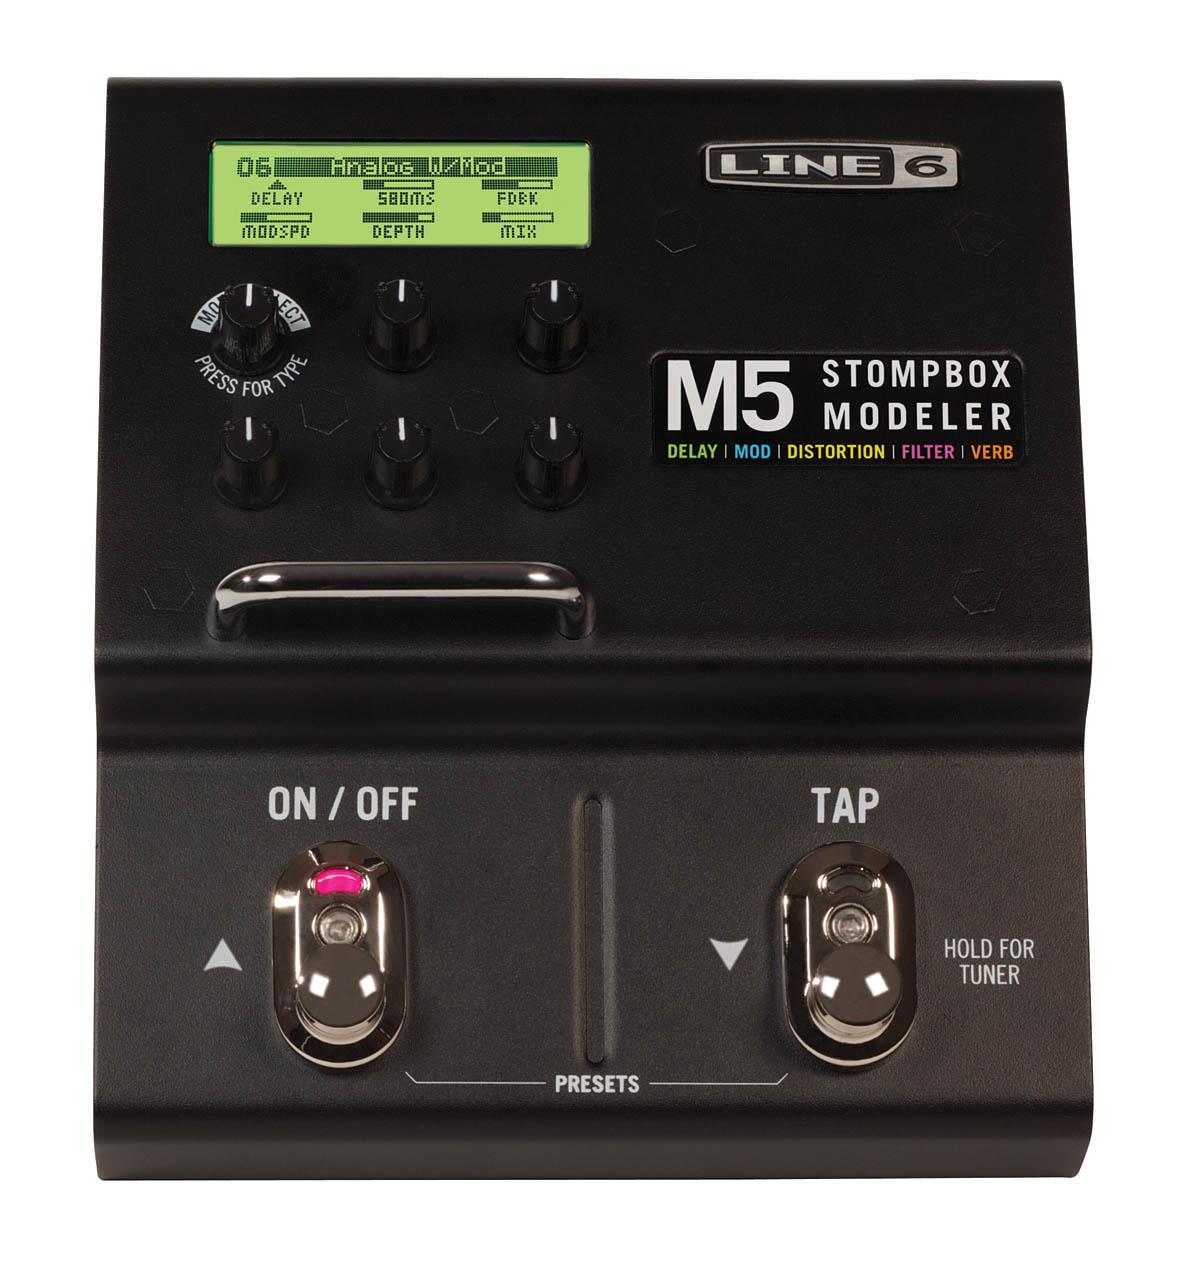 M5: Stompbox Modeler